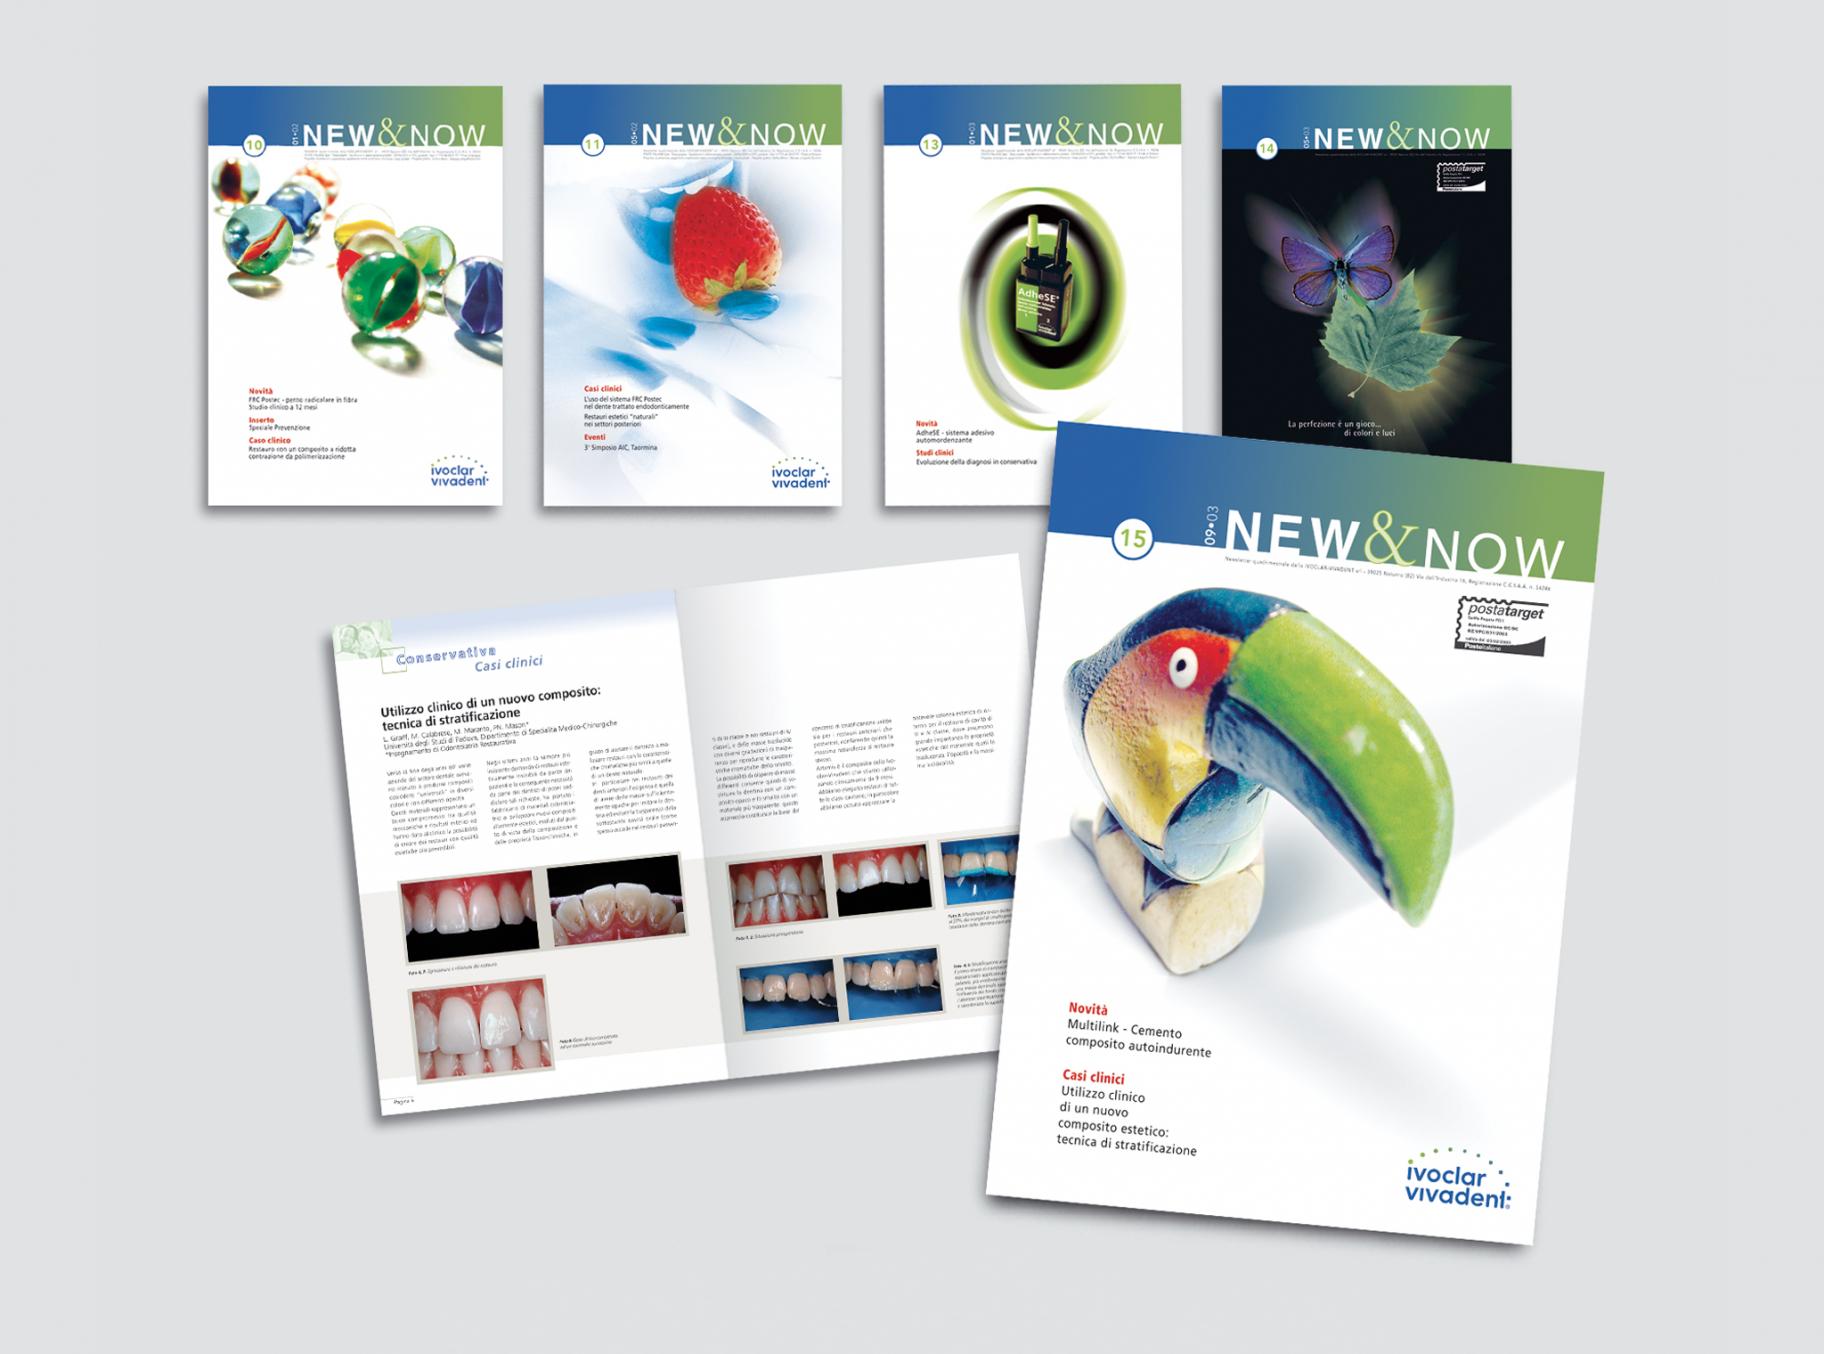 Ivoclar Vivadent-Brochure-copertine-rivista